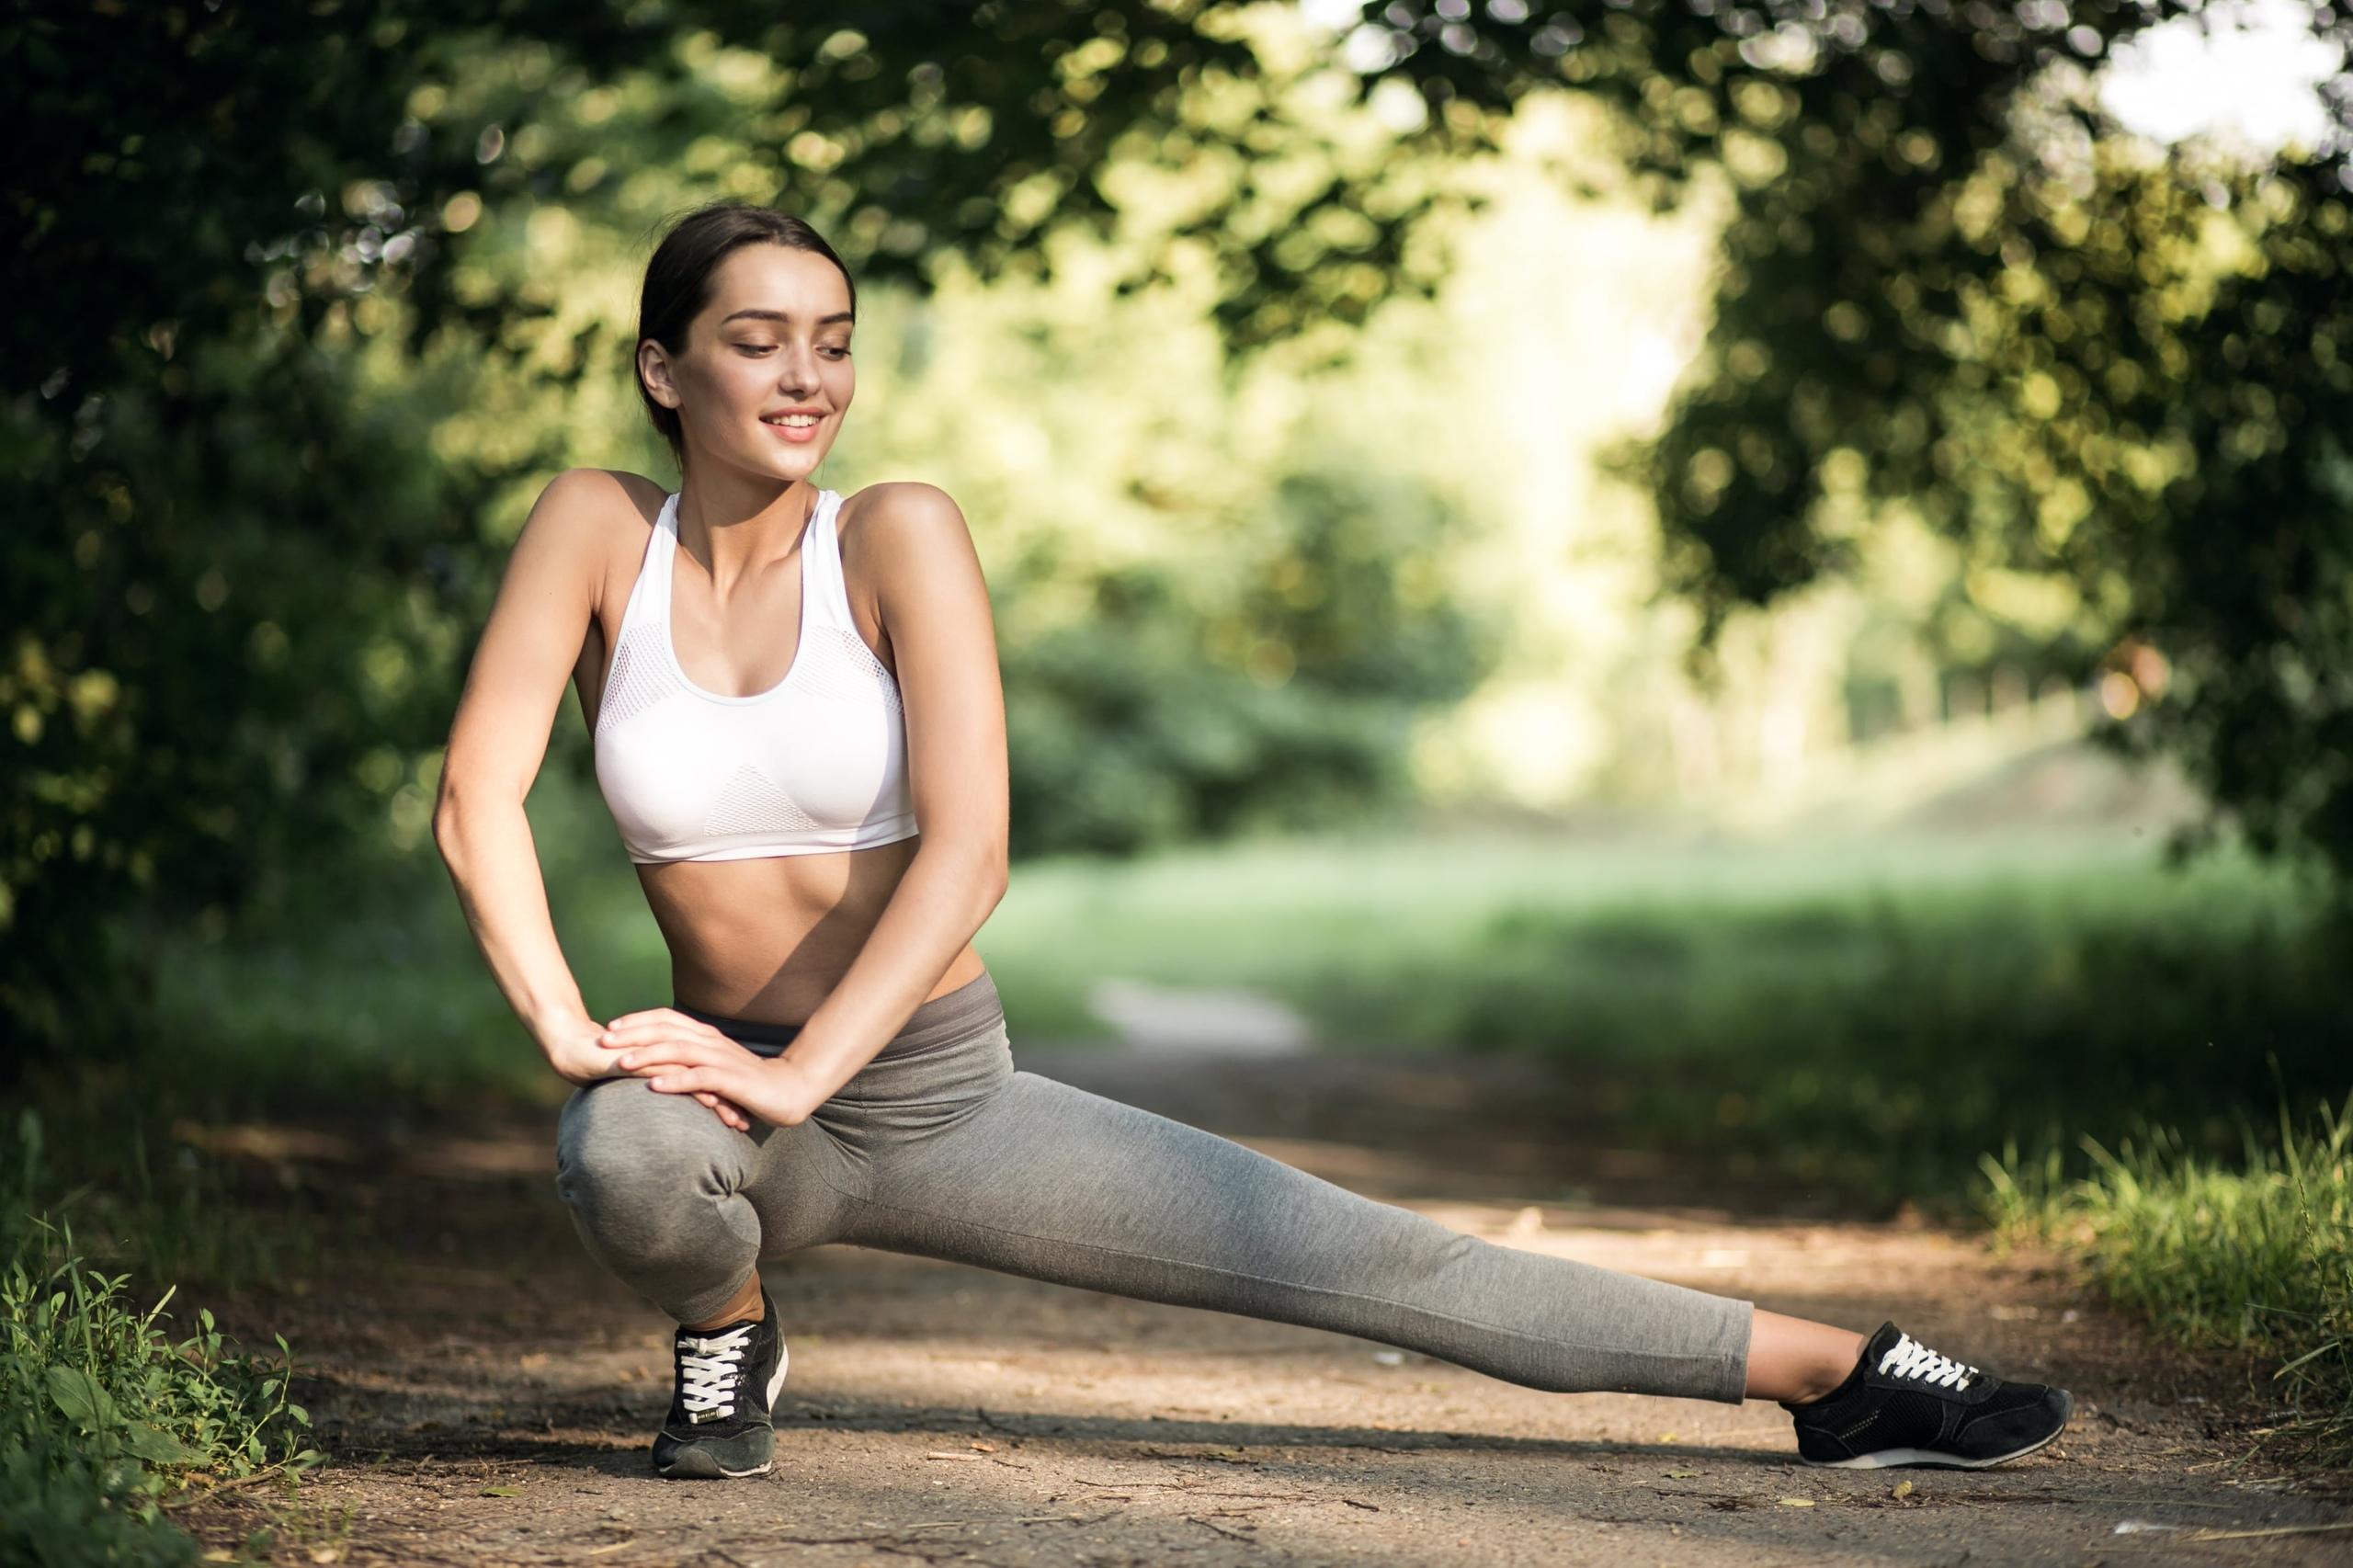 Утренняя гимнастика: польза, особенности, комплекс упражнений